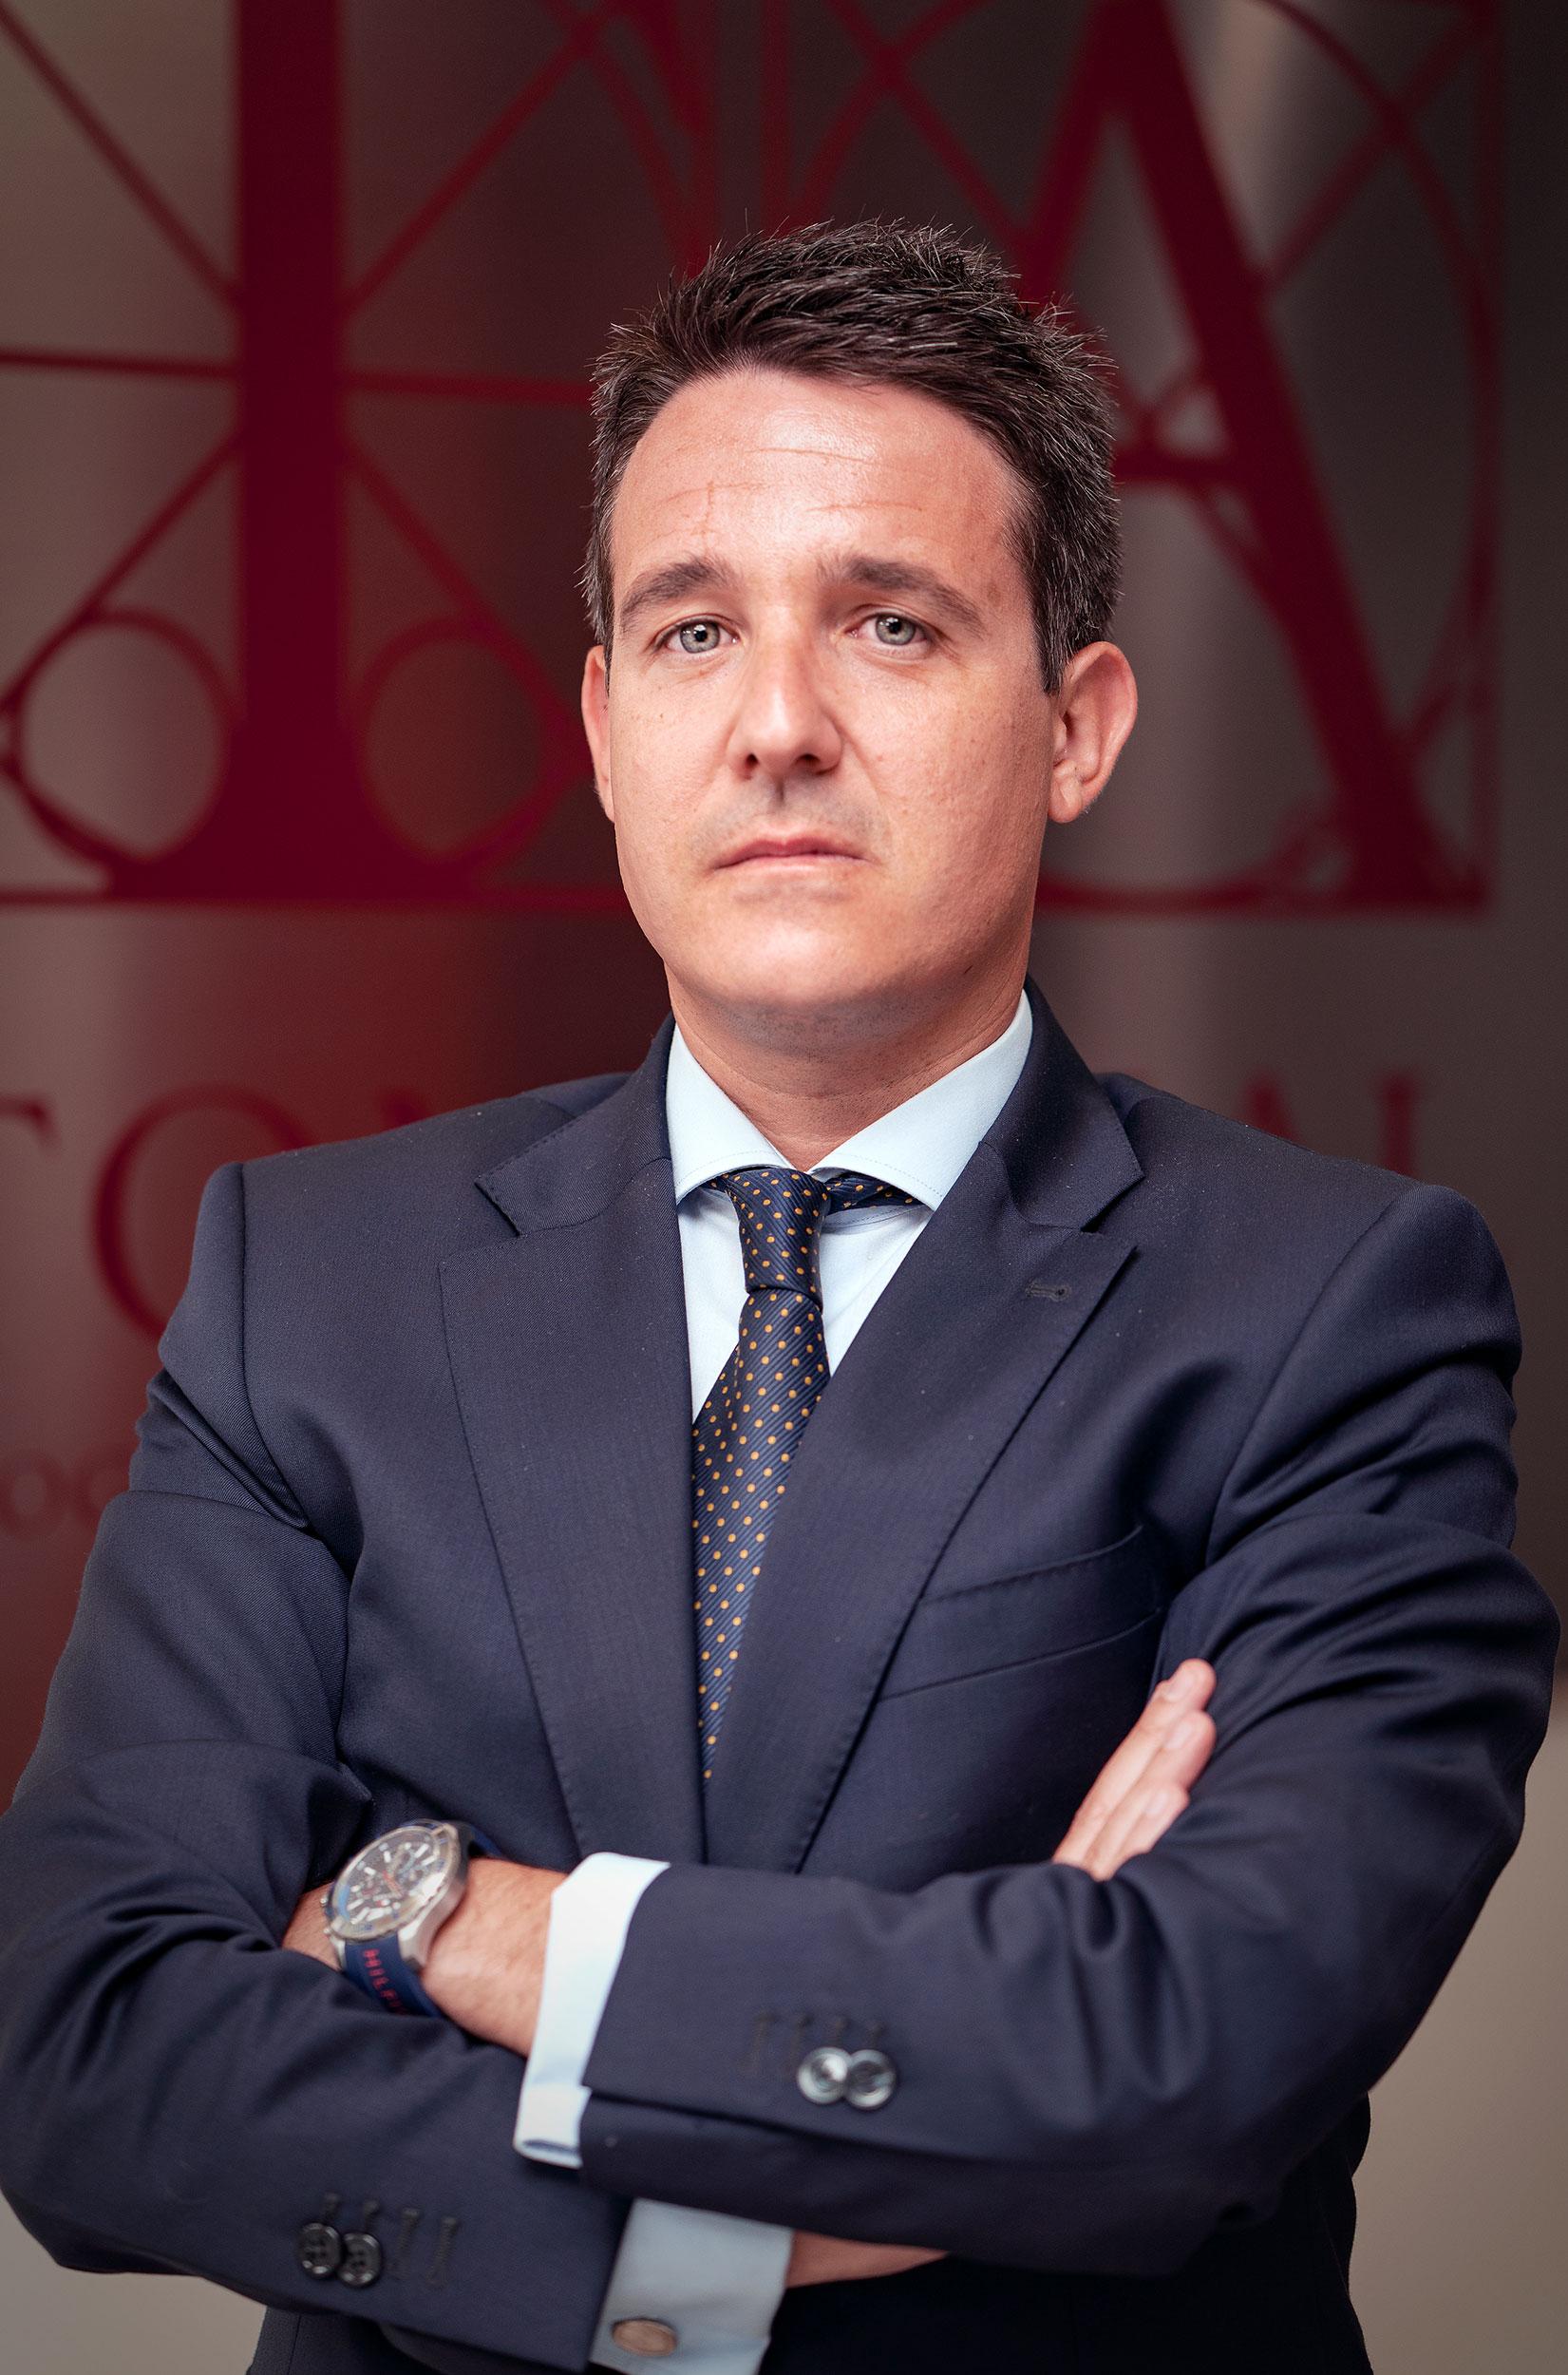 Miguel Ángel Molina Martínez